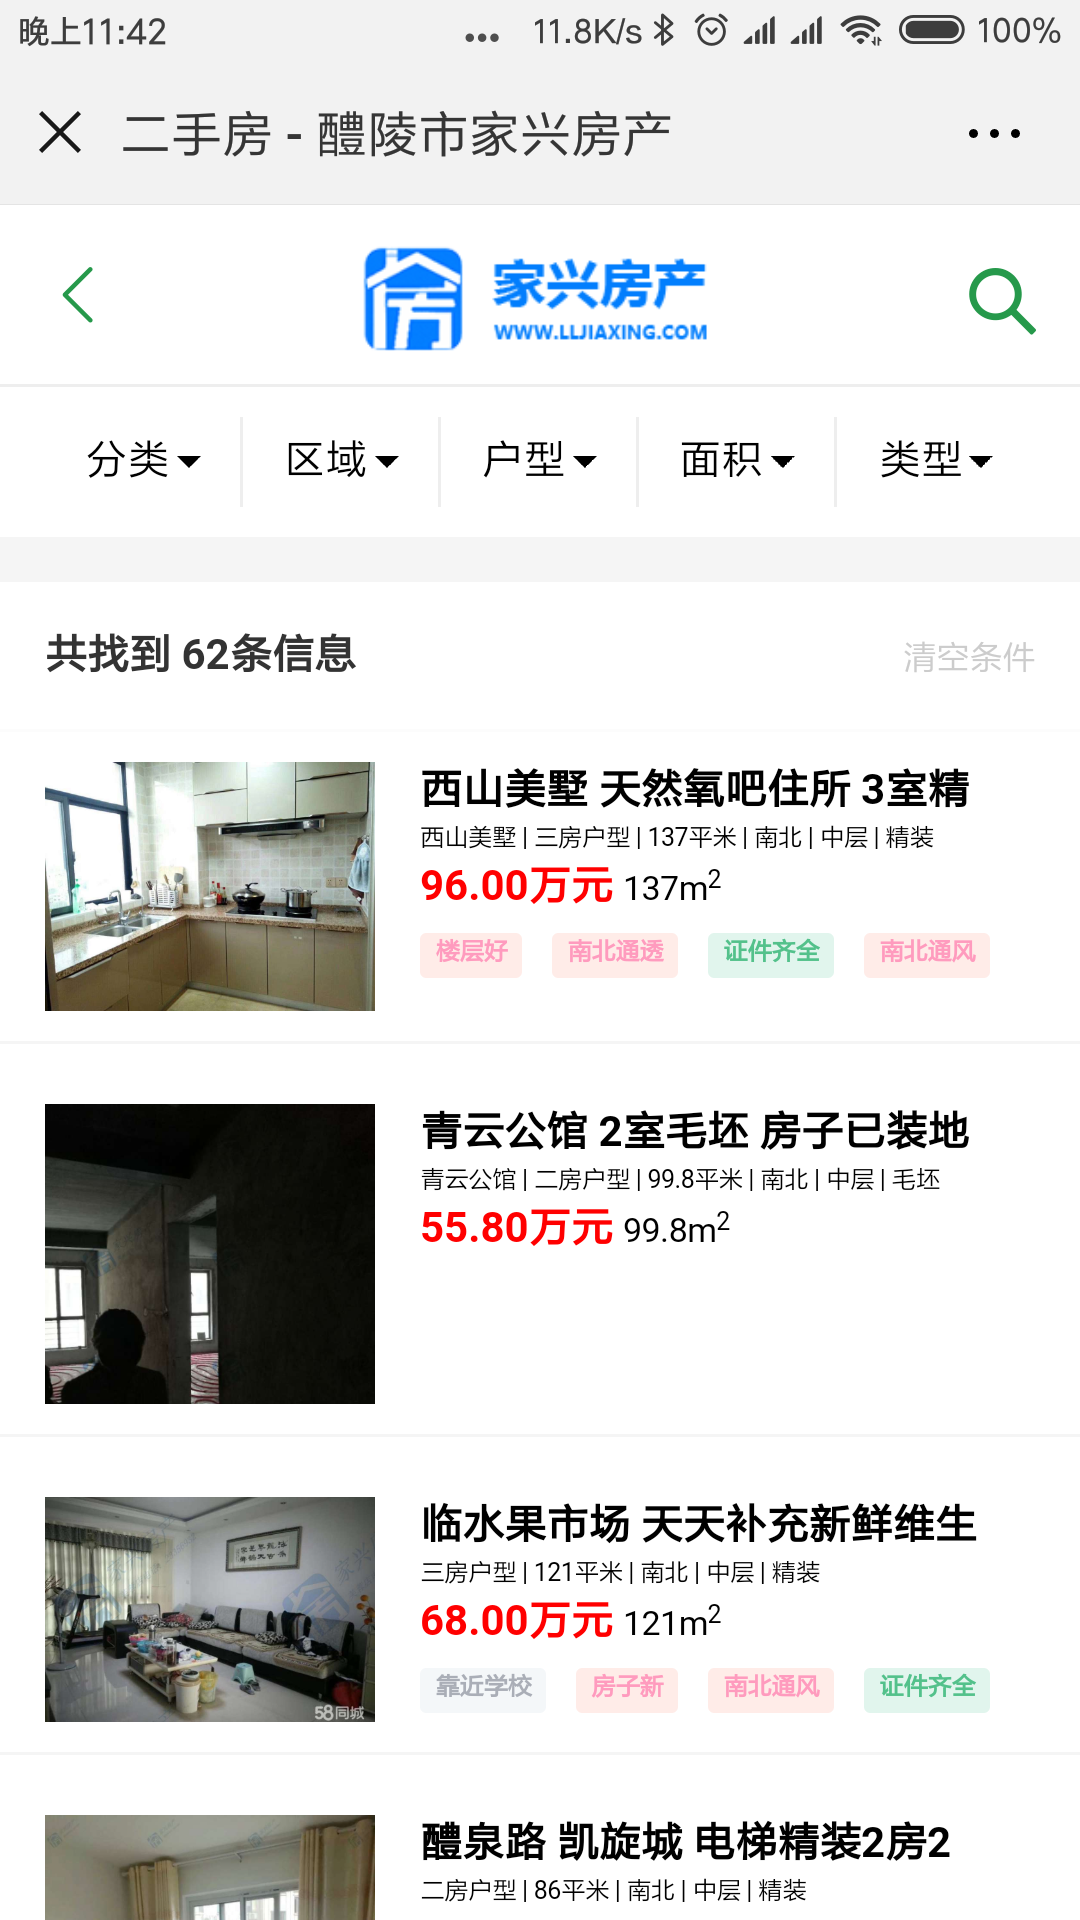 醴陵家兴房产微信公众号